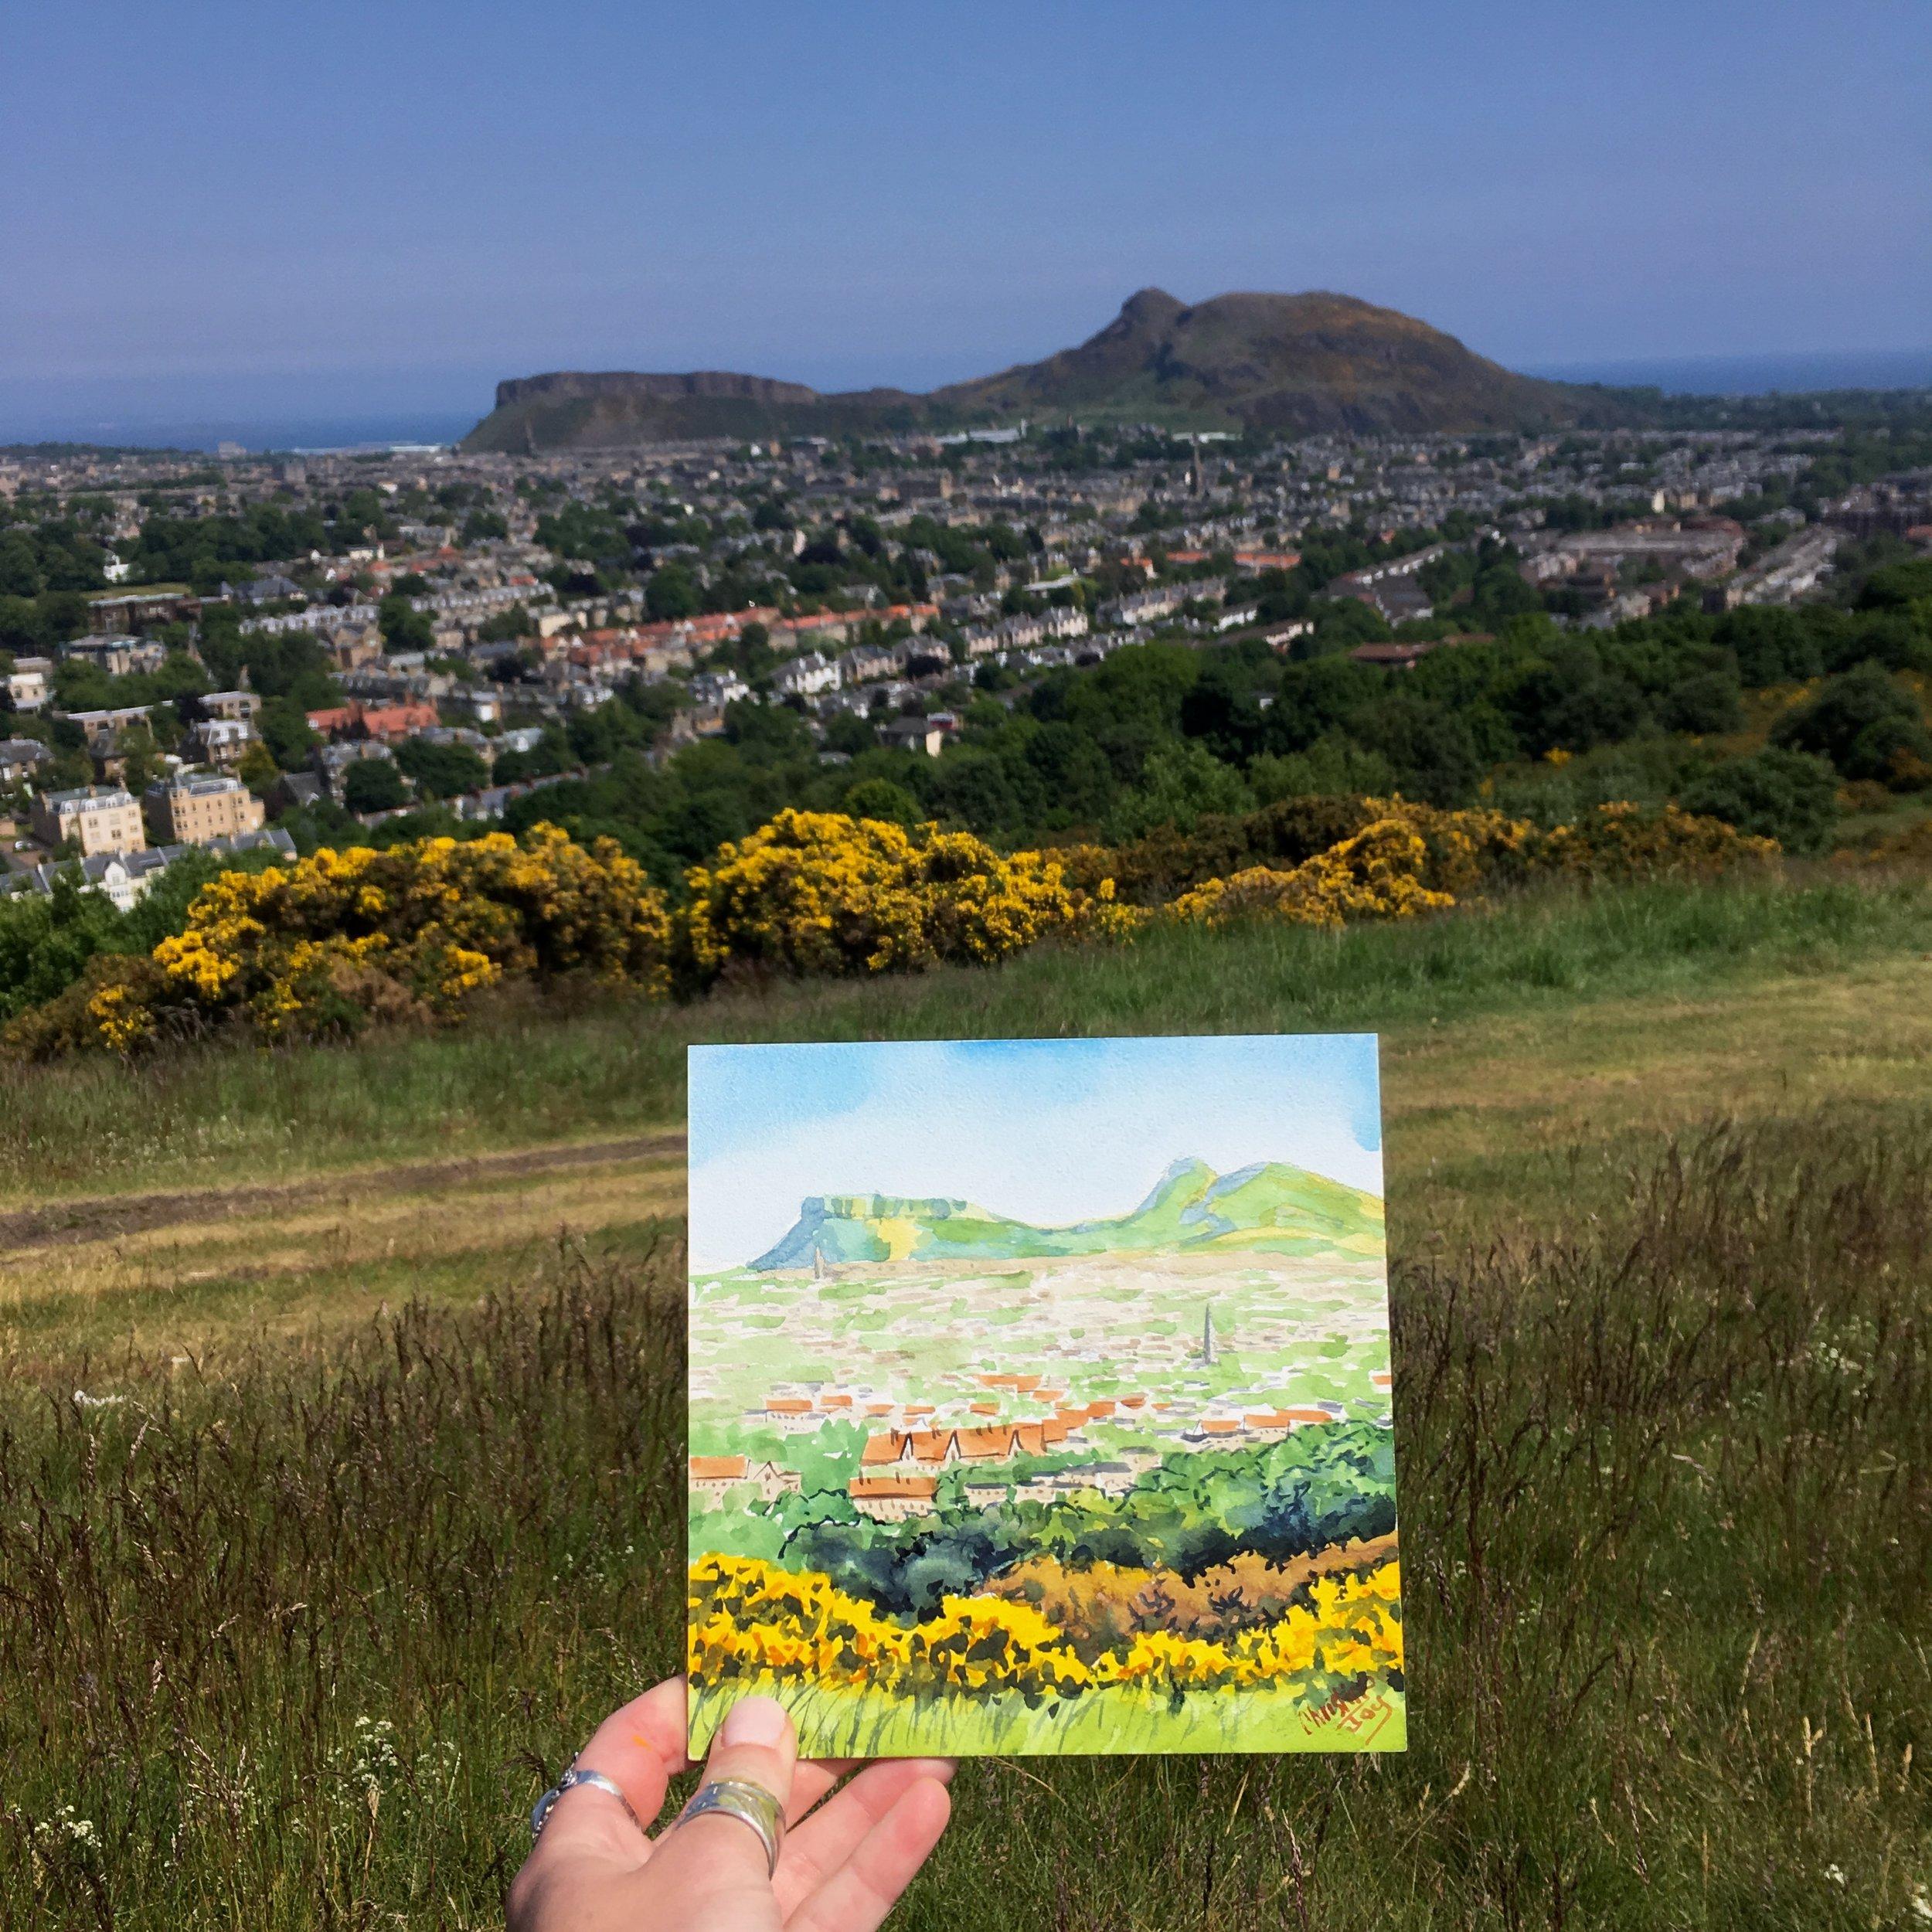 Hilltop in Edinburgh